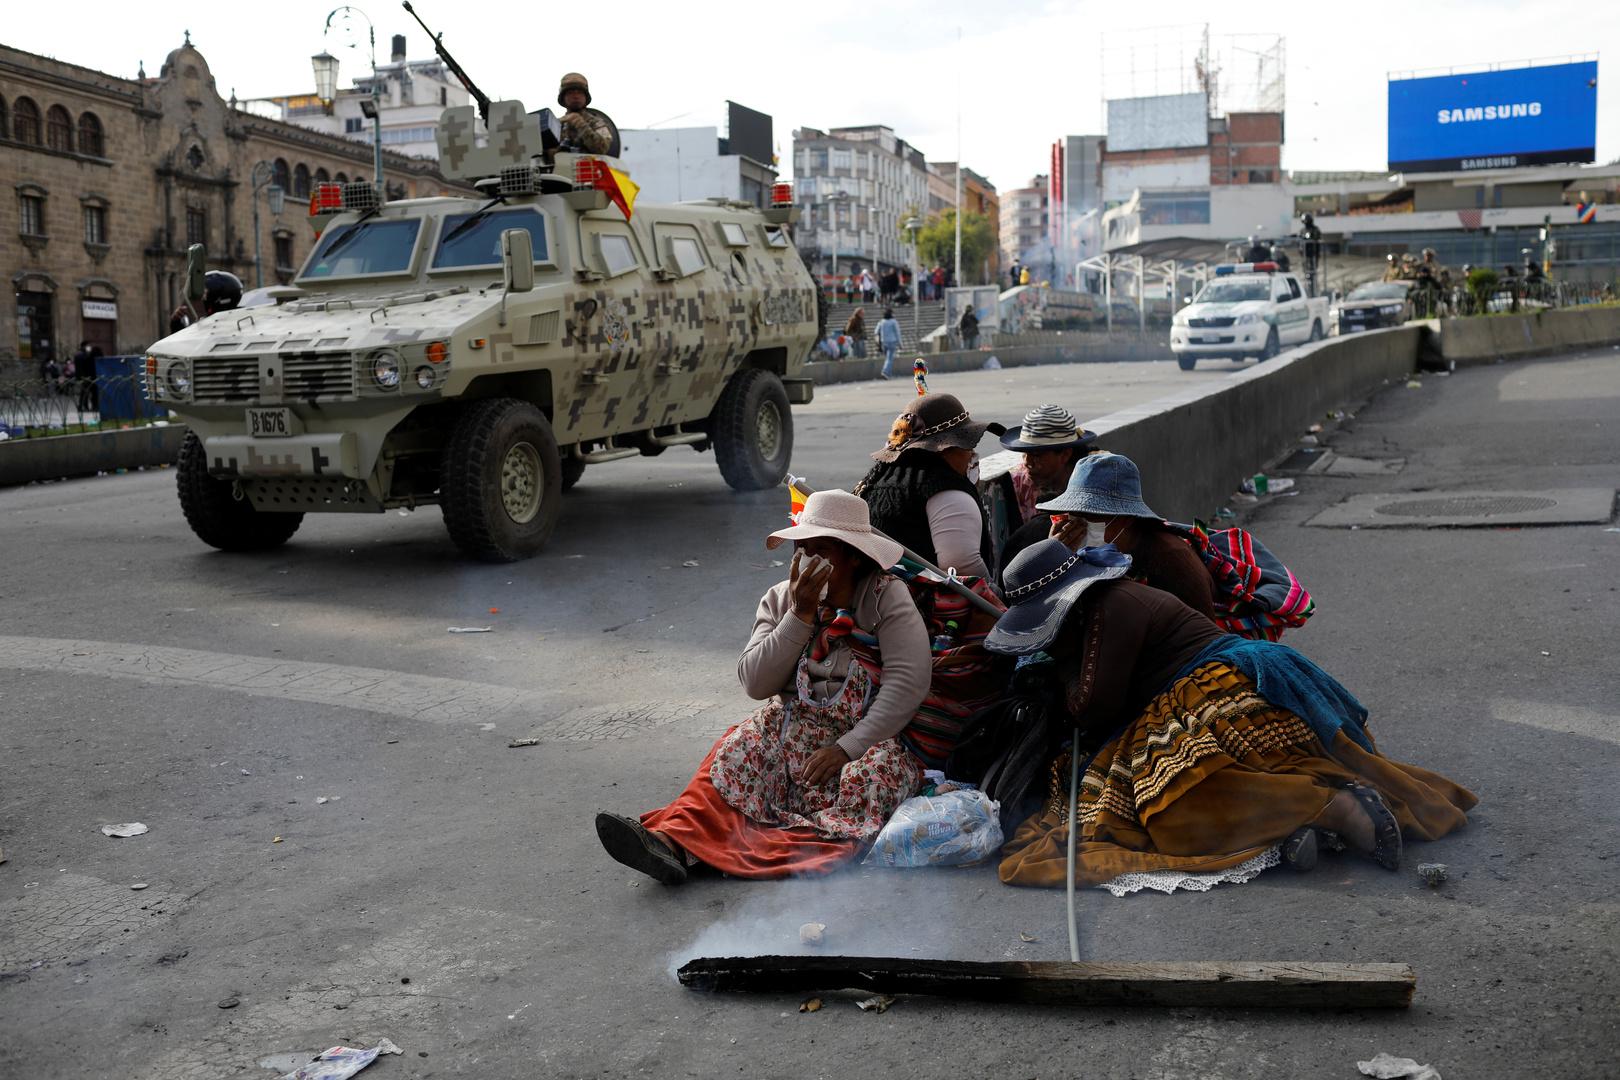 مقتل 5 مؤيدين للرئيس البوليفي السابق باشتباكات مع قوات الأمن